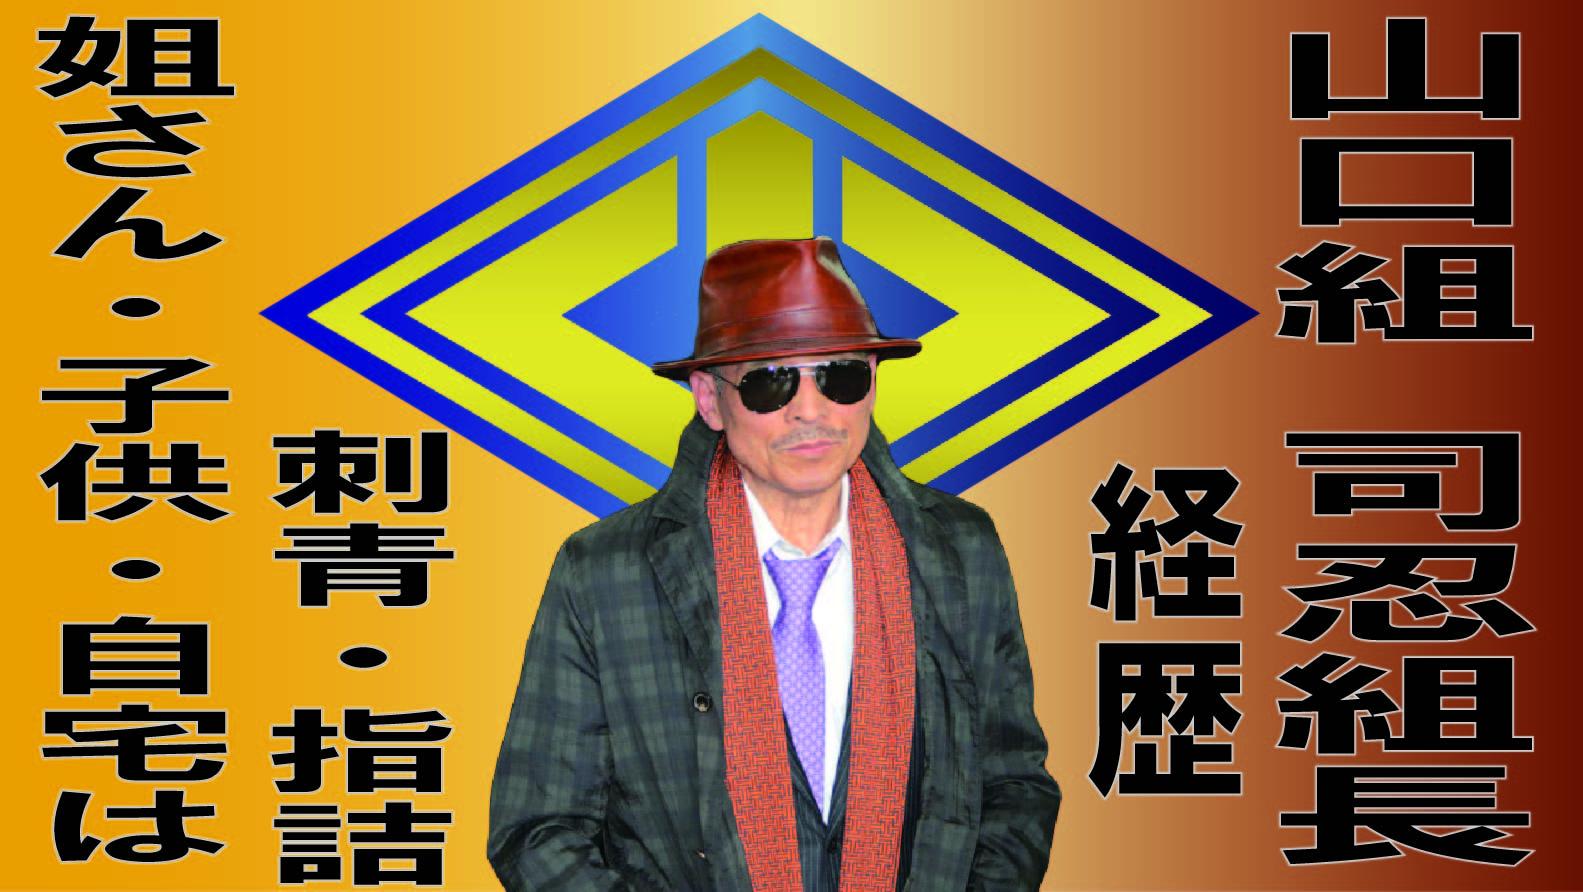 山口組六代目組長司忍(篠田健市)の全て、名古屋弘道会から六代目組長になるまでの来歴